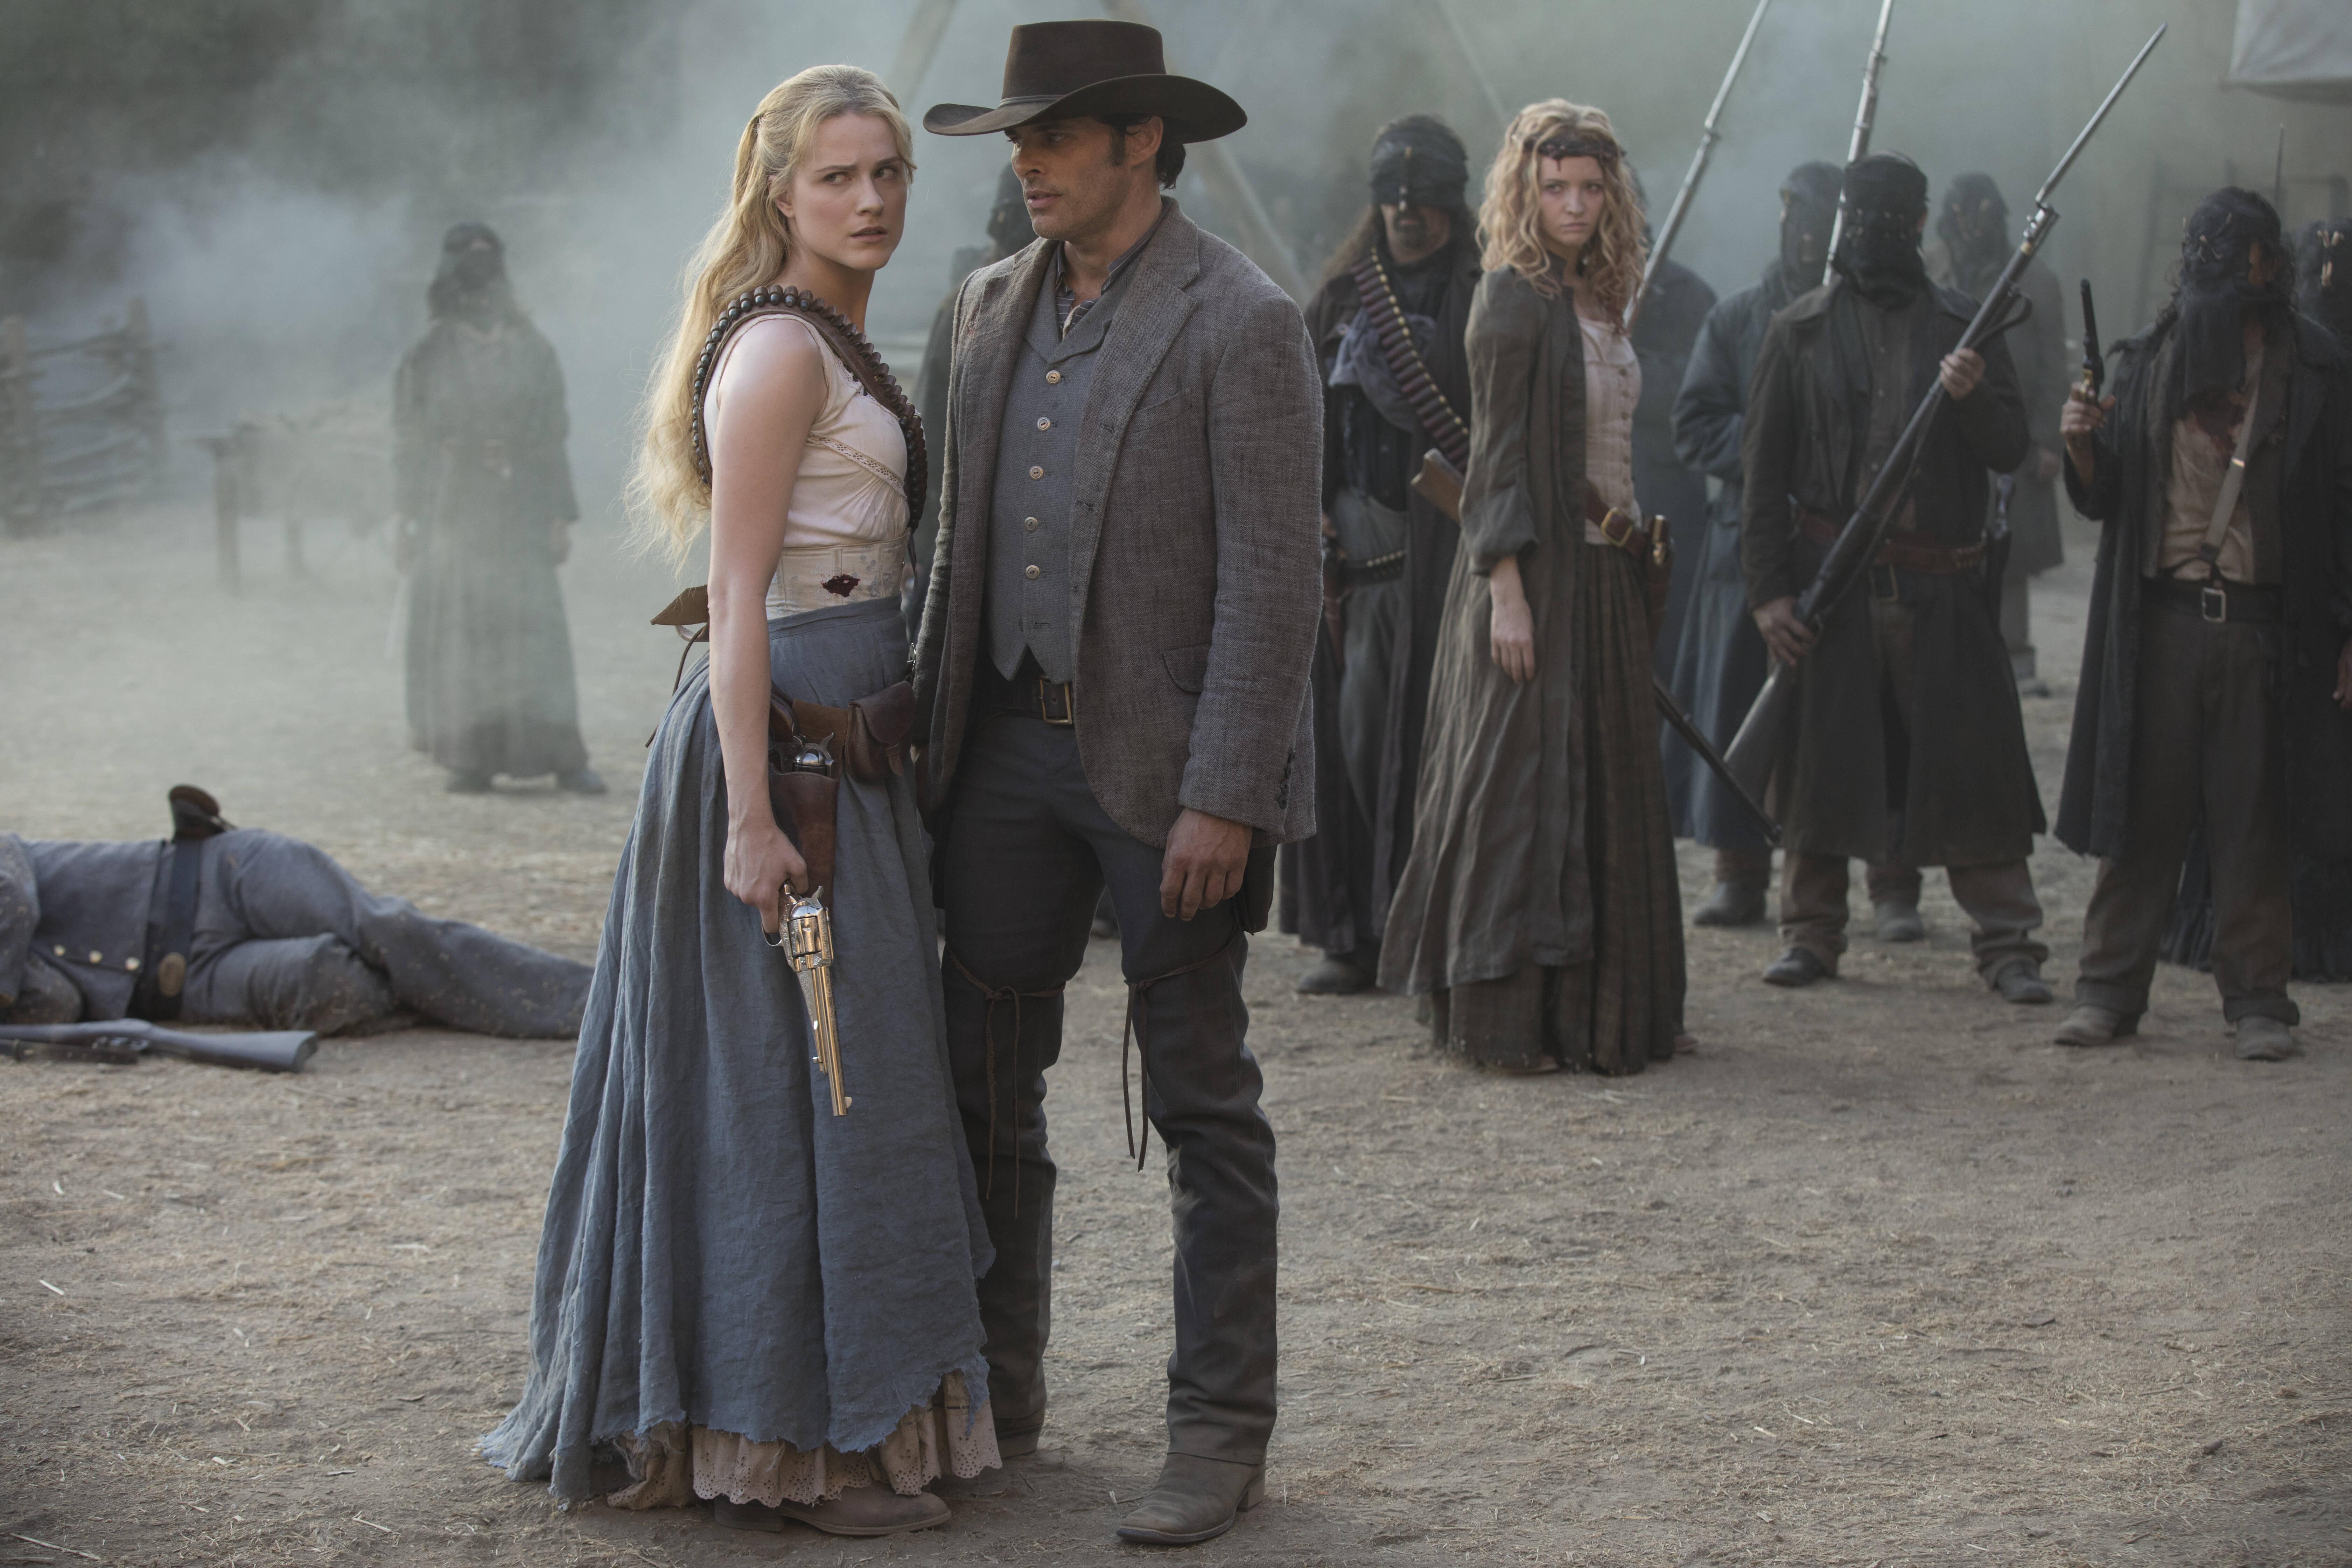 """""""Virtù e Fortuna"""", terceiro episódio da segunda temporada de """"Westworld"""", estreia no próximo domingo. Foto: Divulgação"""